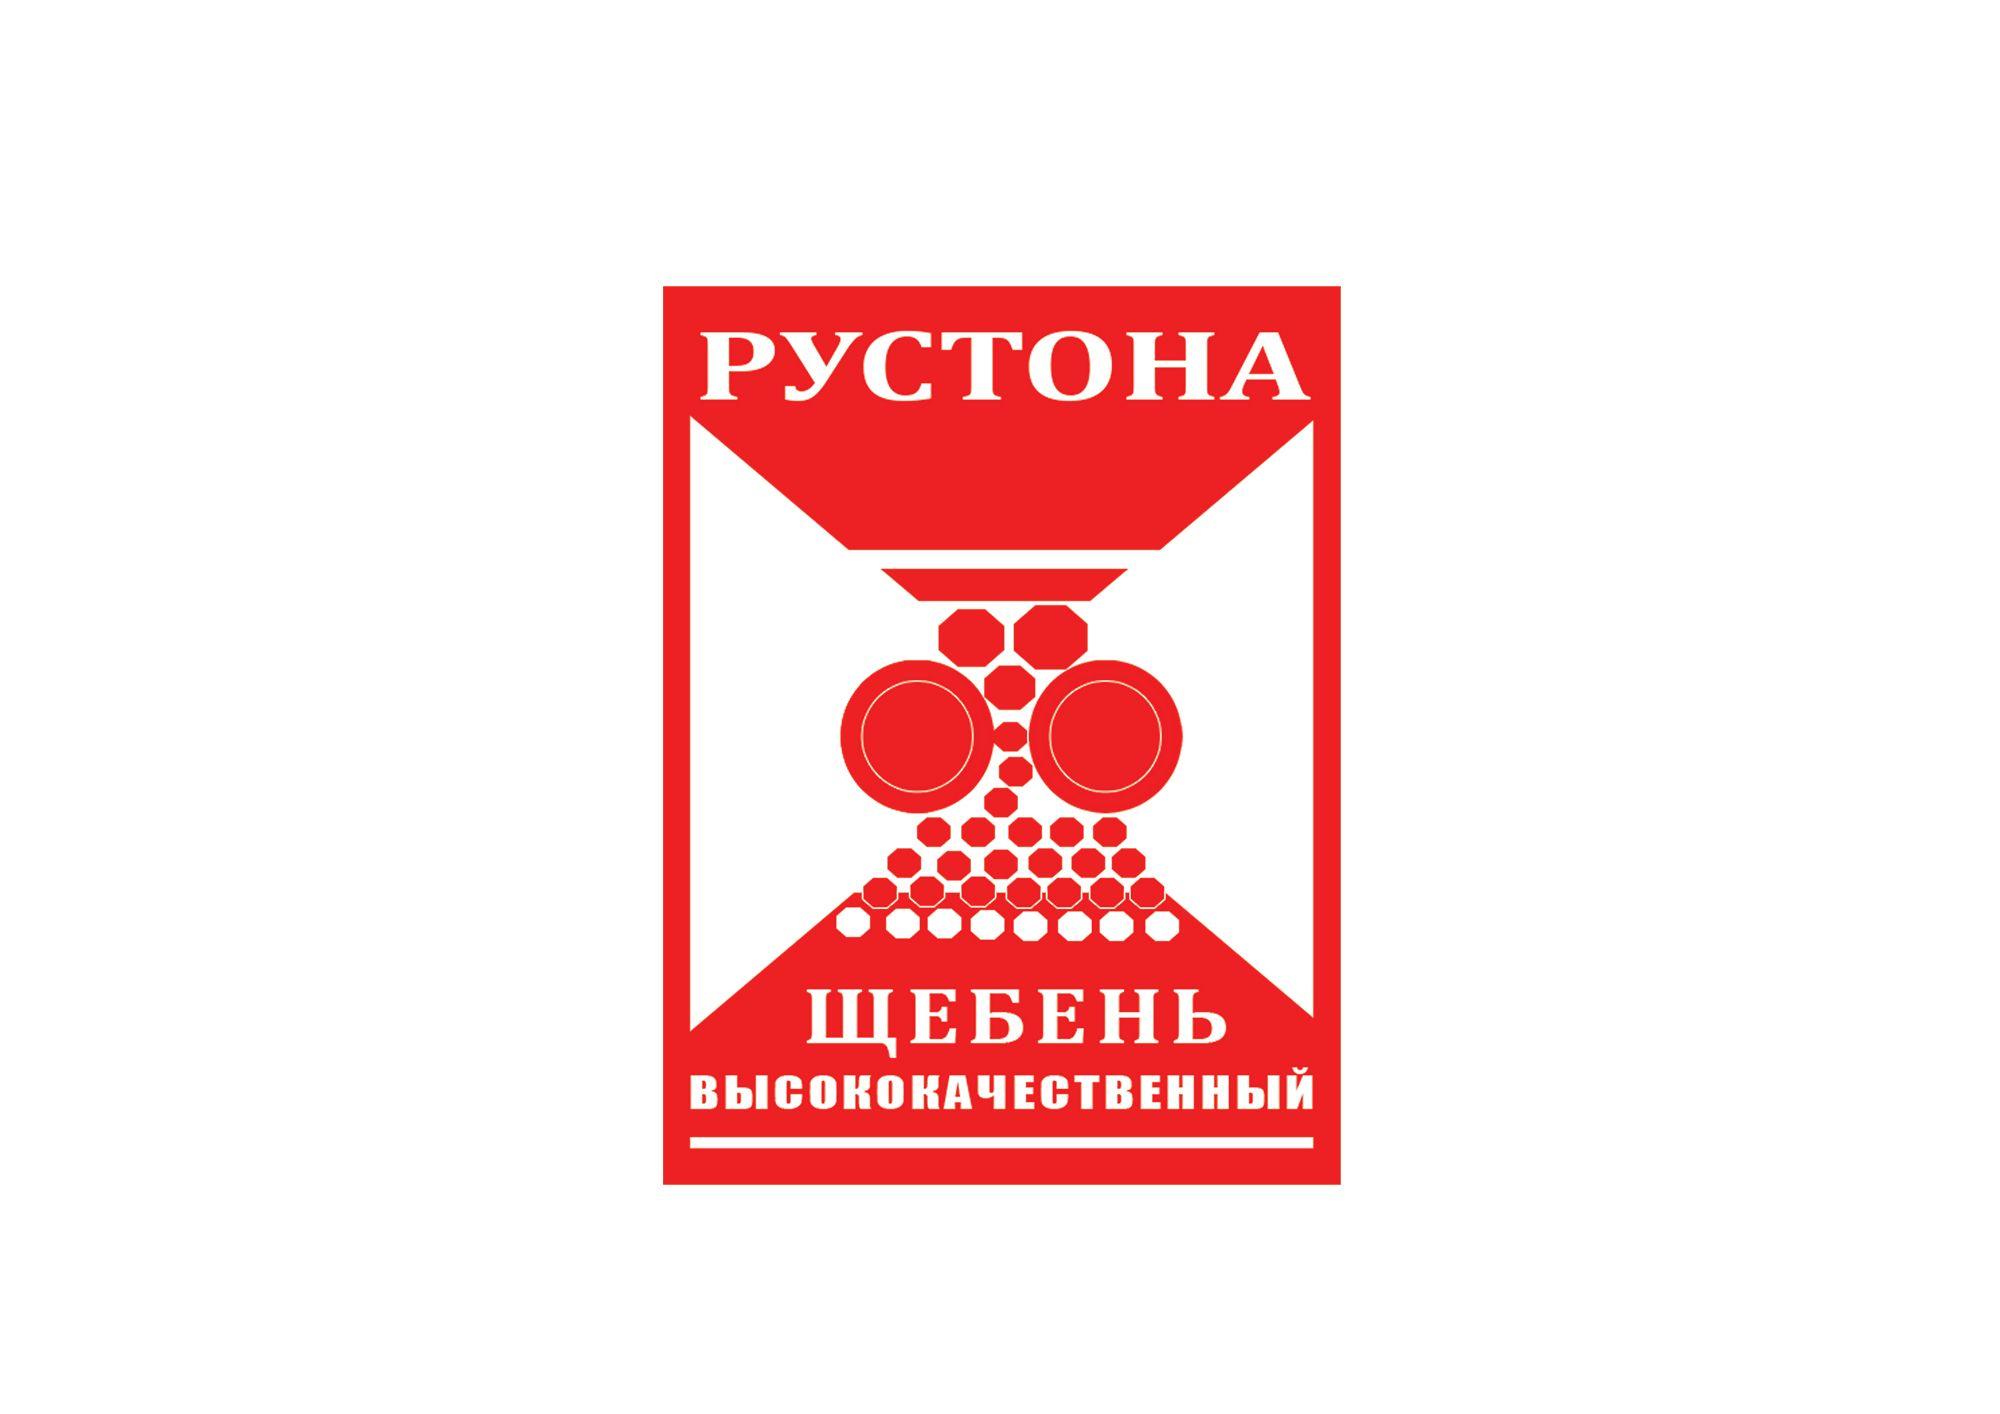 Логотип для компании Рустона (www.rustona.com) - дизайнер Dezeng